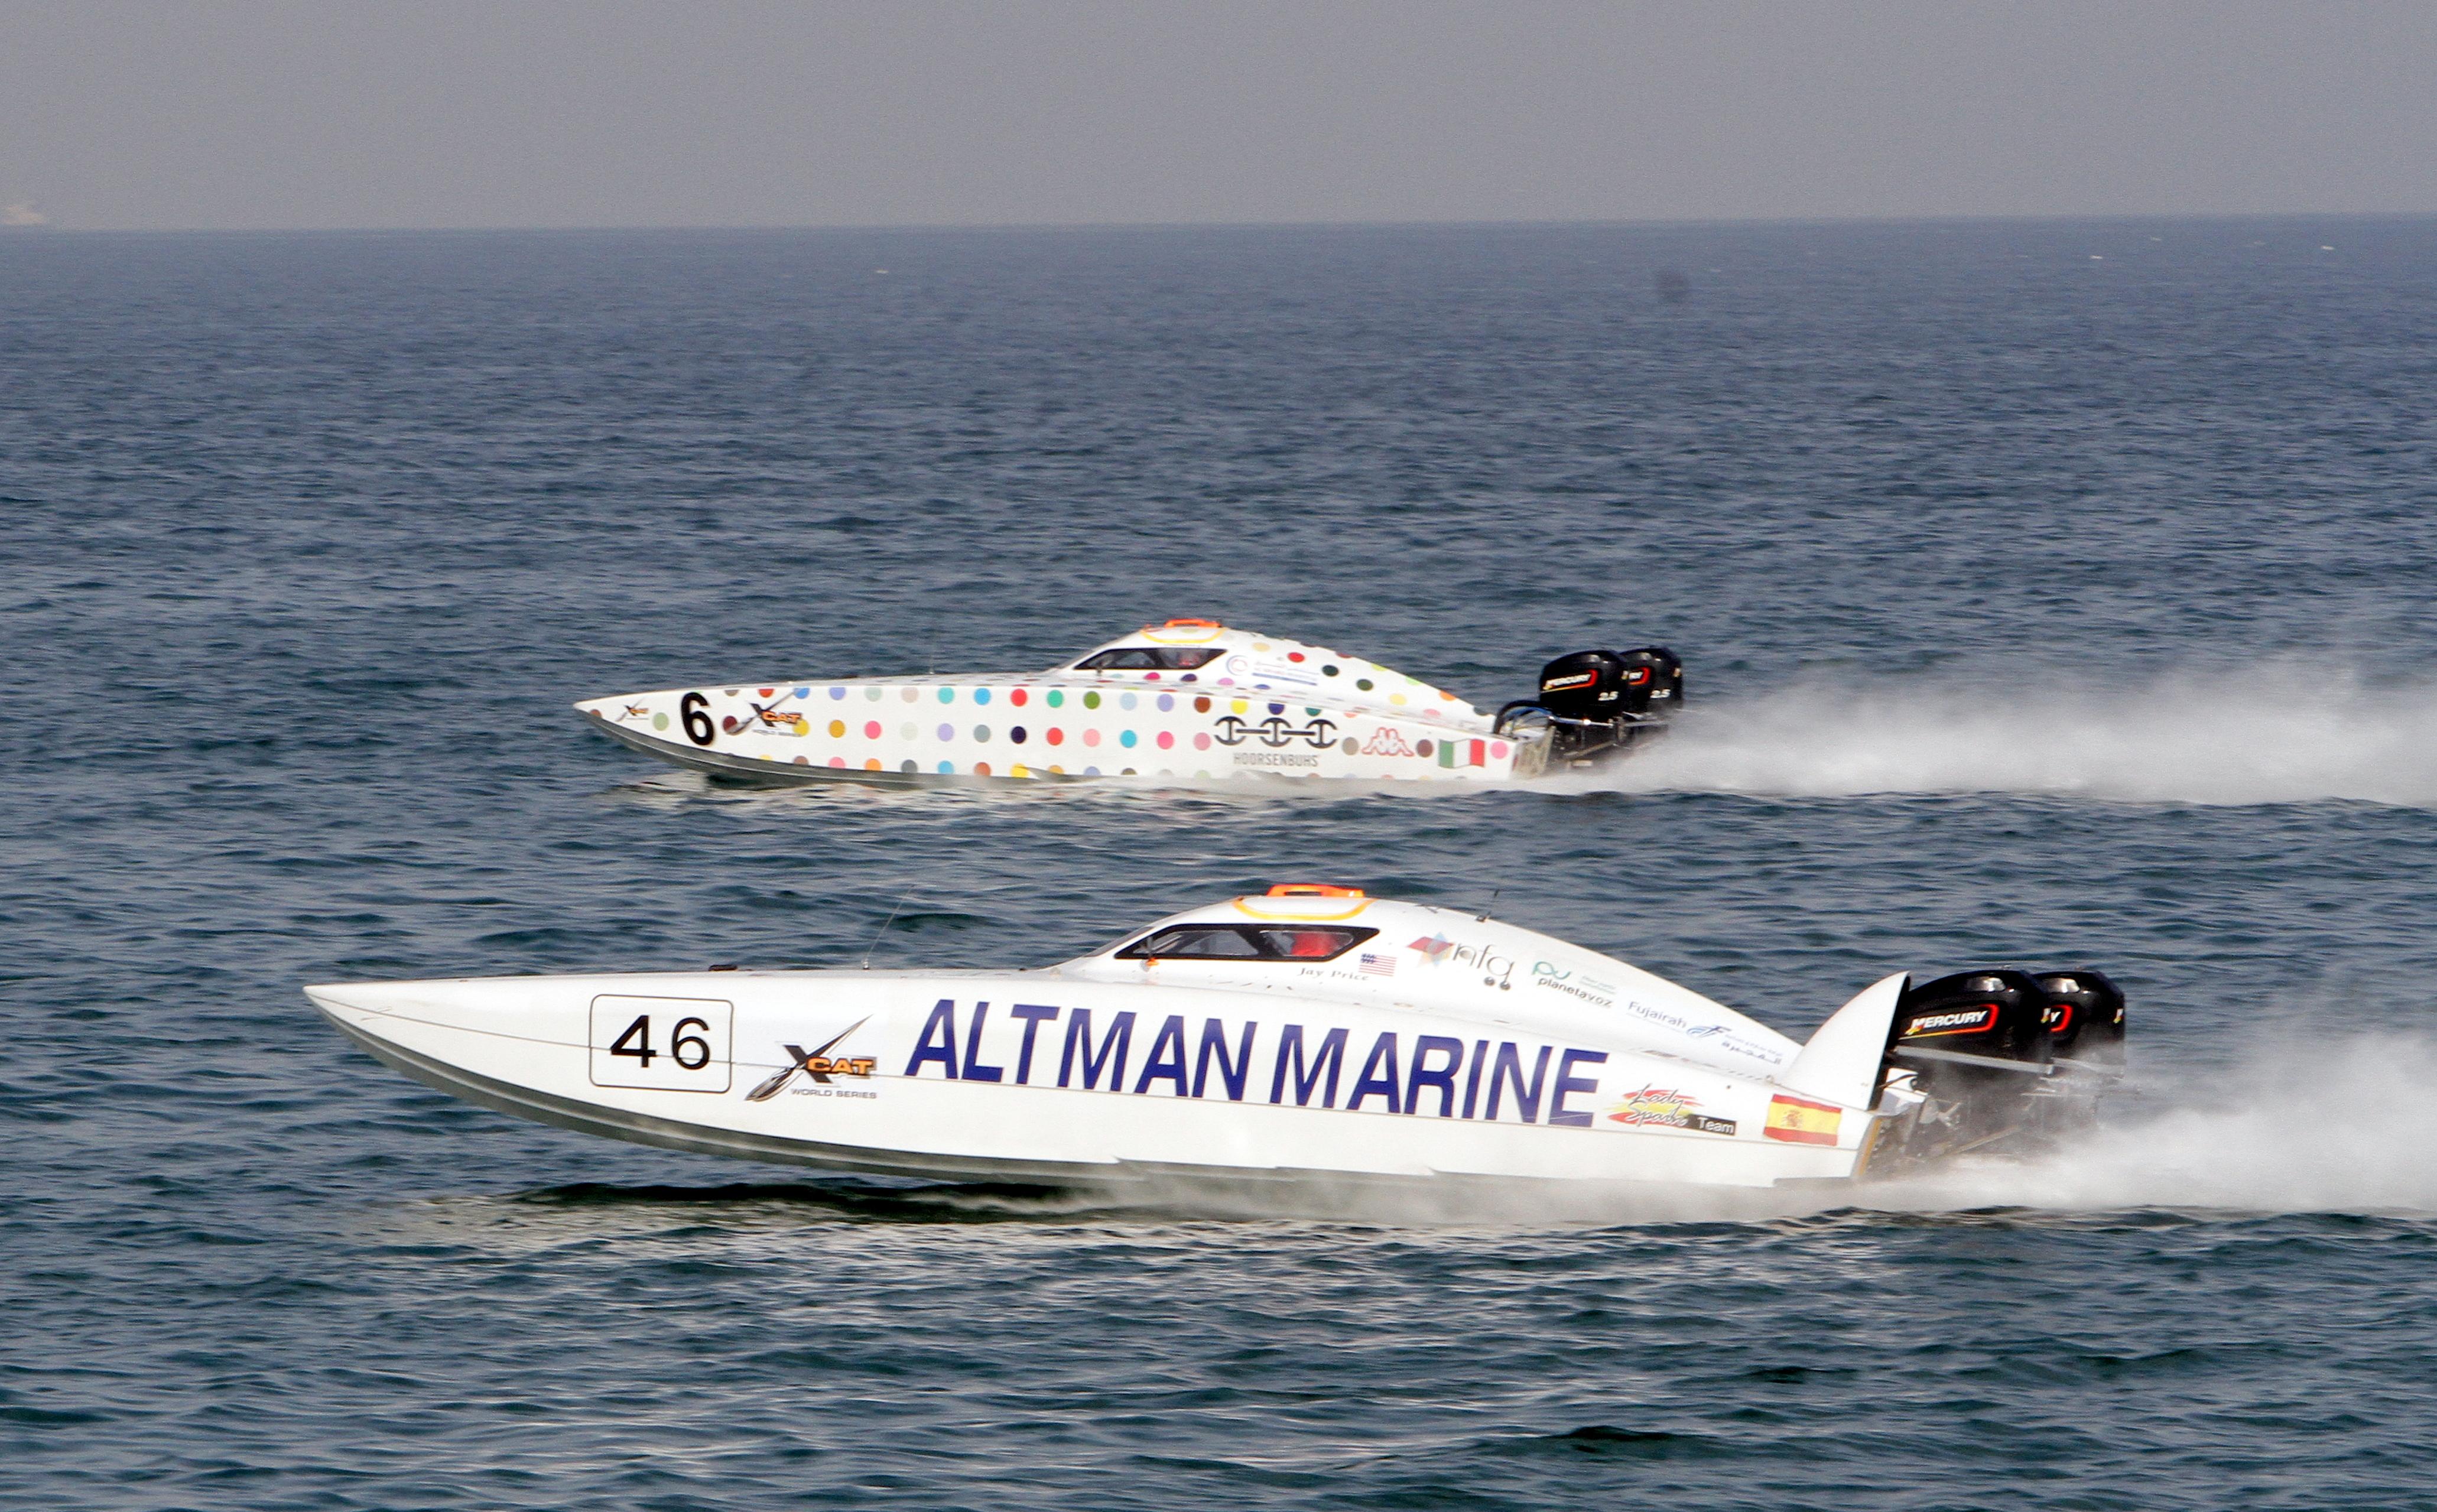 توماس كروث: عمومية الفجيرة البحرية ينتظرها اتخاذ  قررات تاريخية